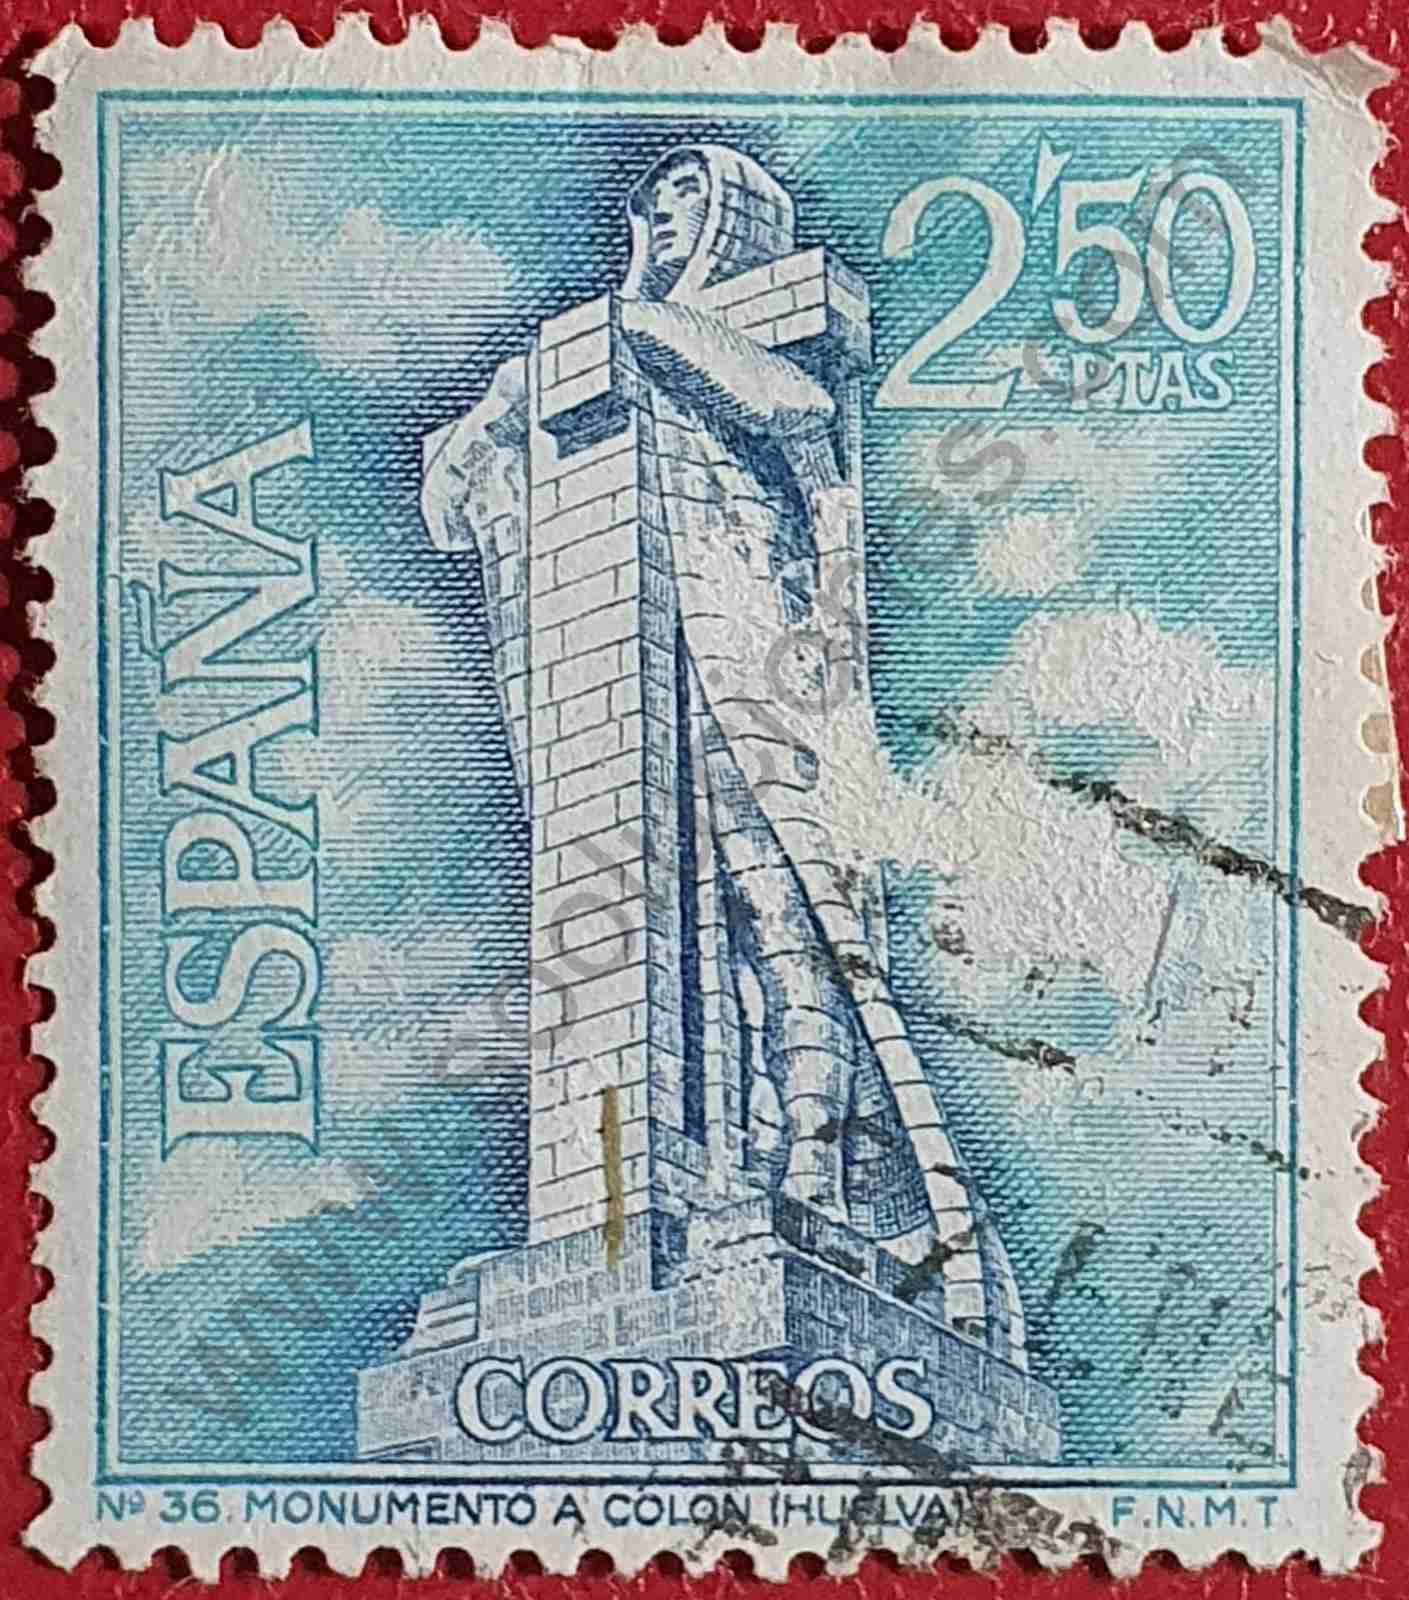 Monumento a Colón - Sello España 1967